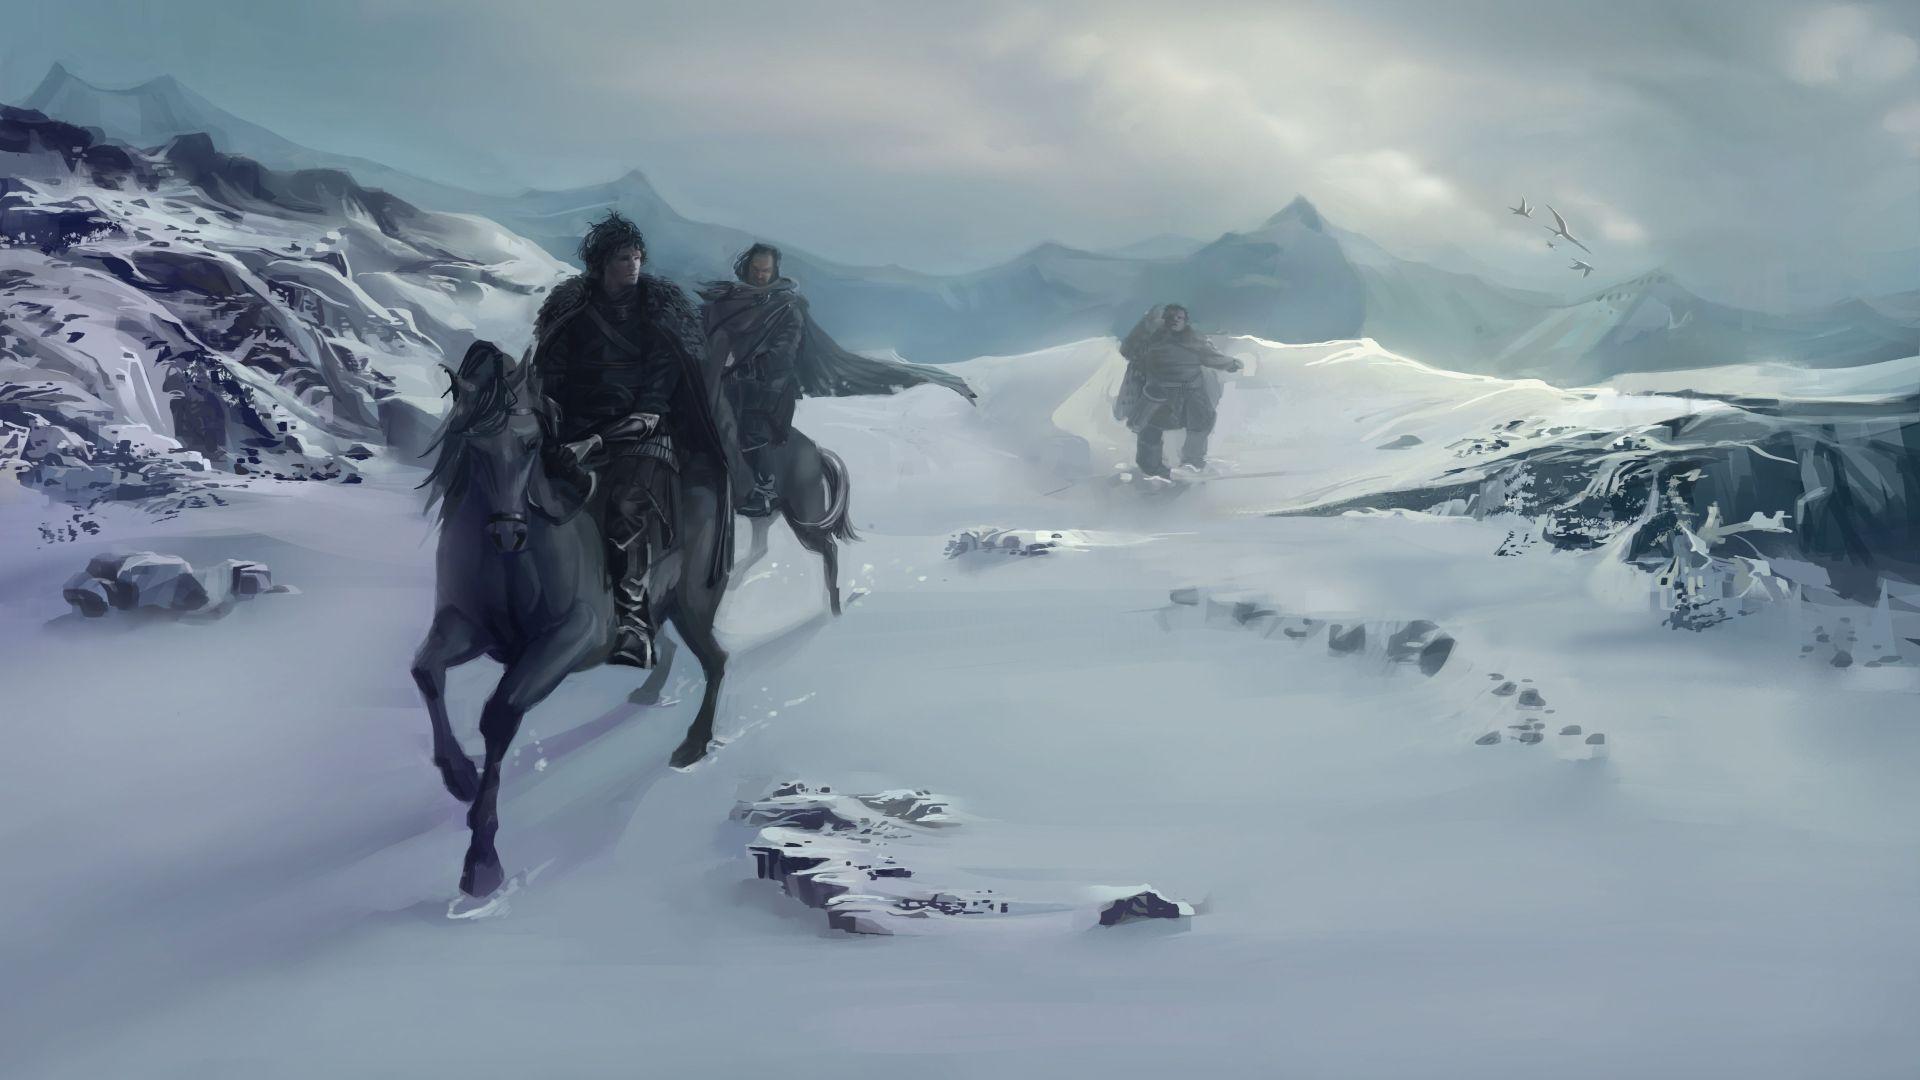 Game of Thrones landscape horsemen art